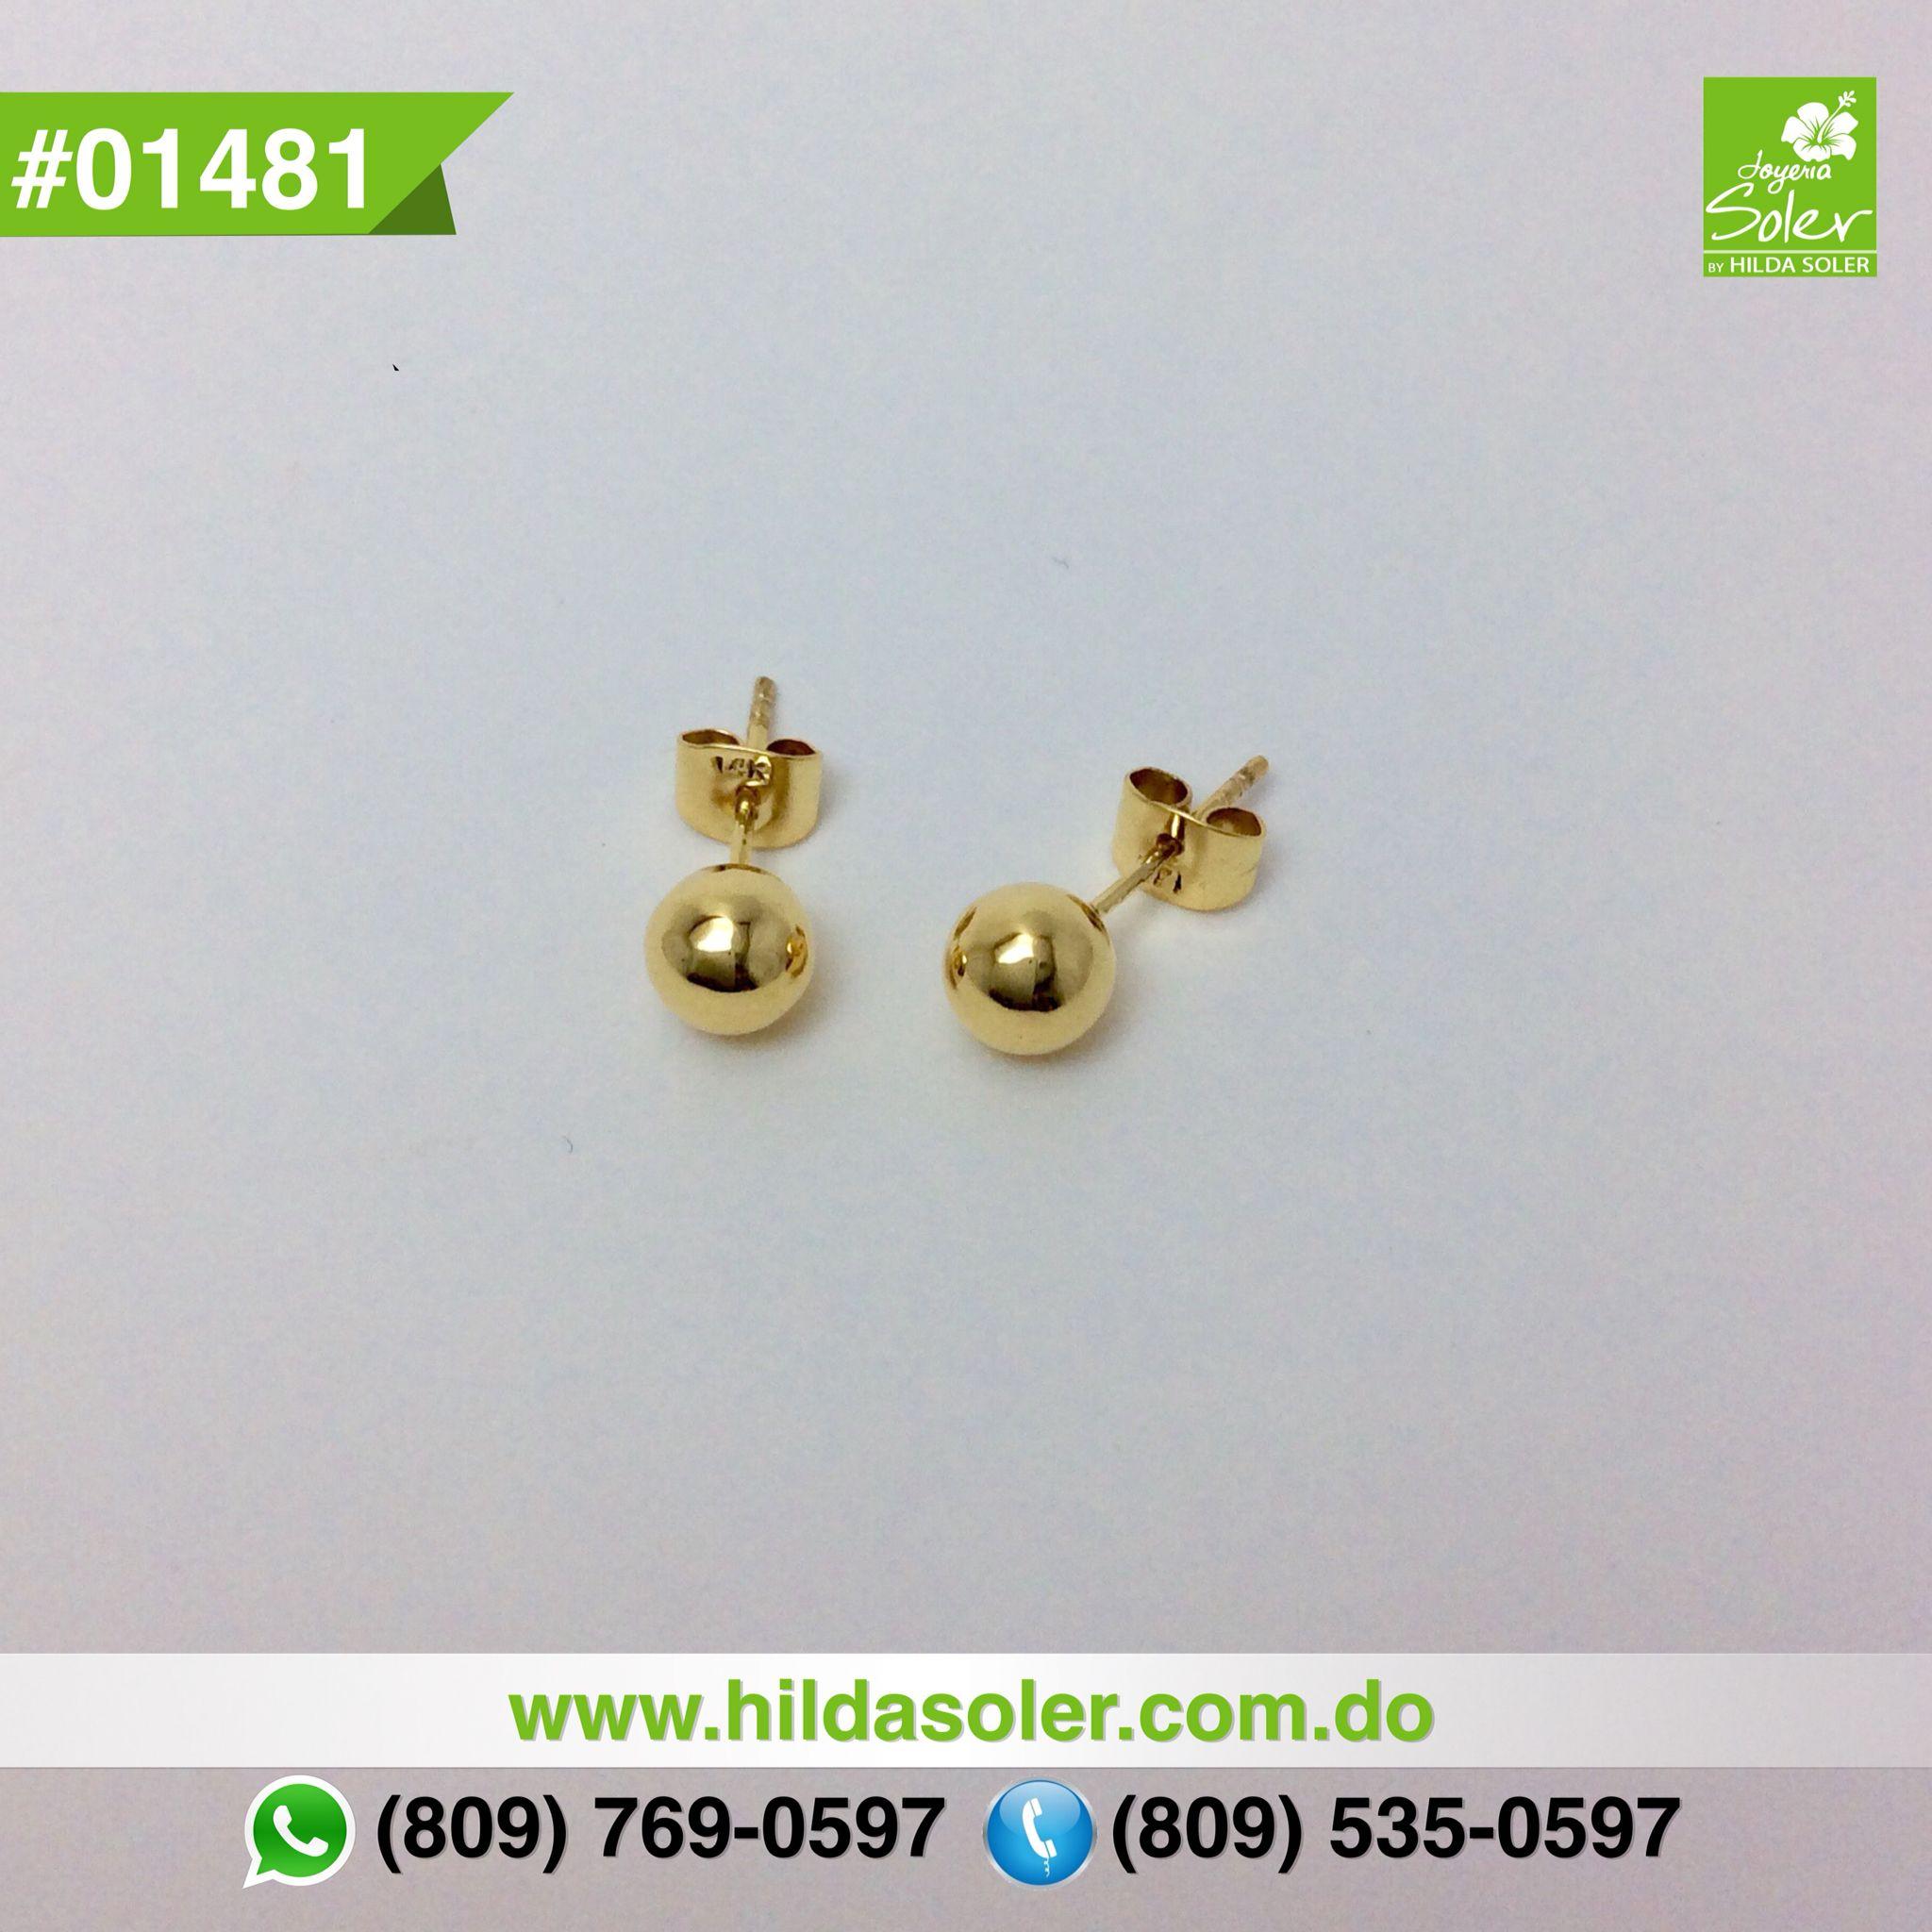 diseño hábil gran ajuste tienda oficial Par de dormilonas en oro 14 KT RD $4,850 pesos | Aretes ...